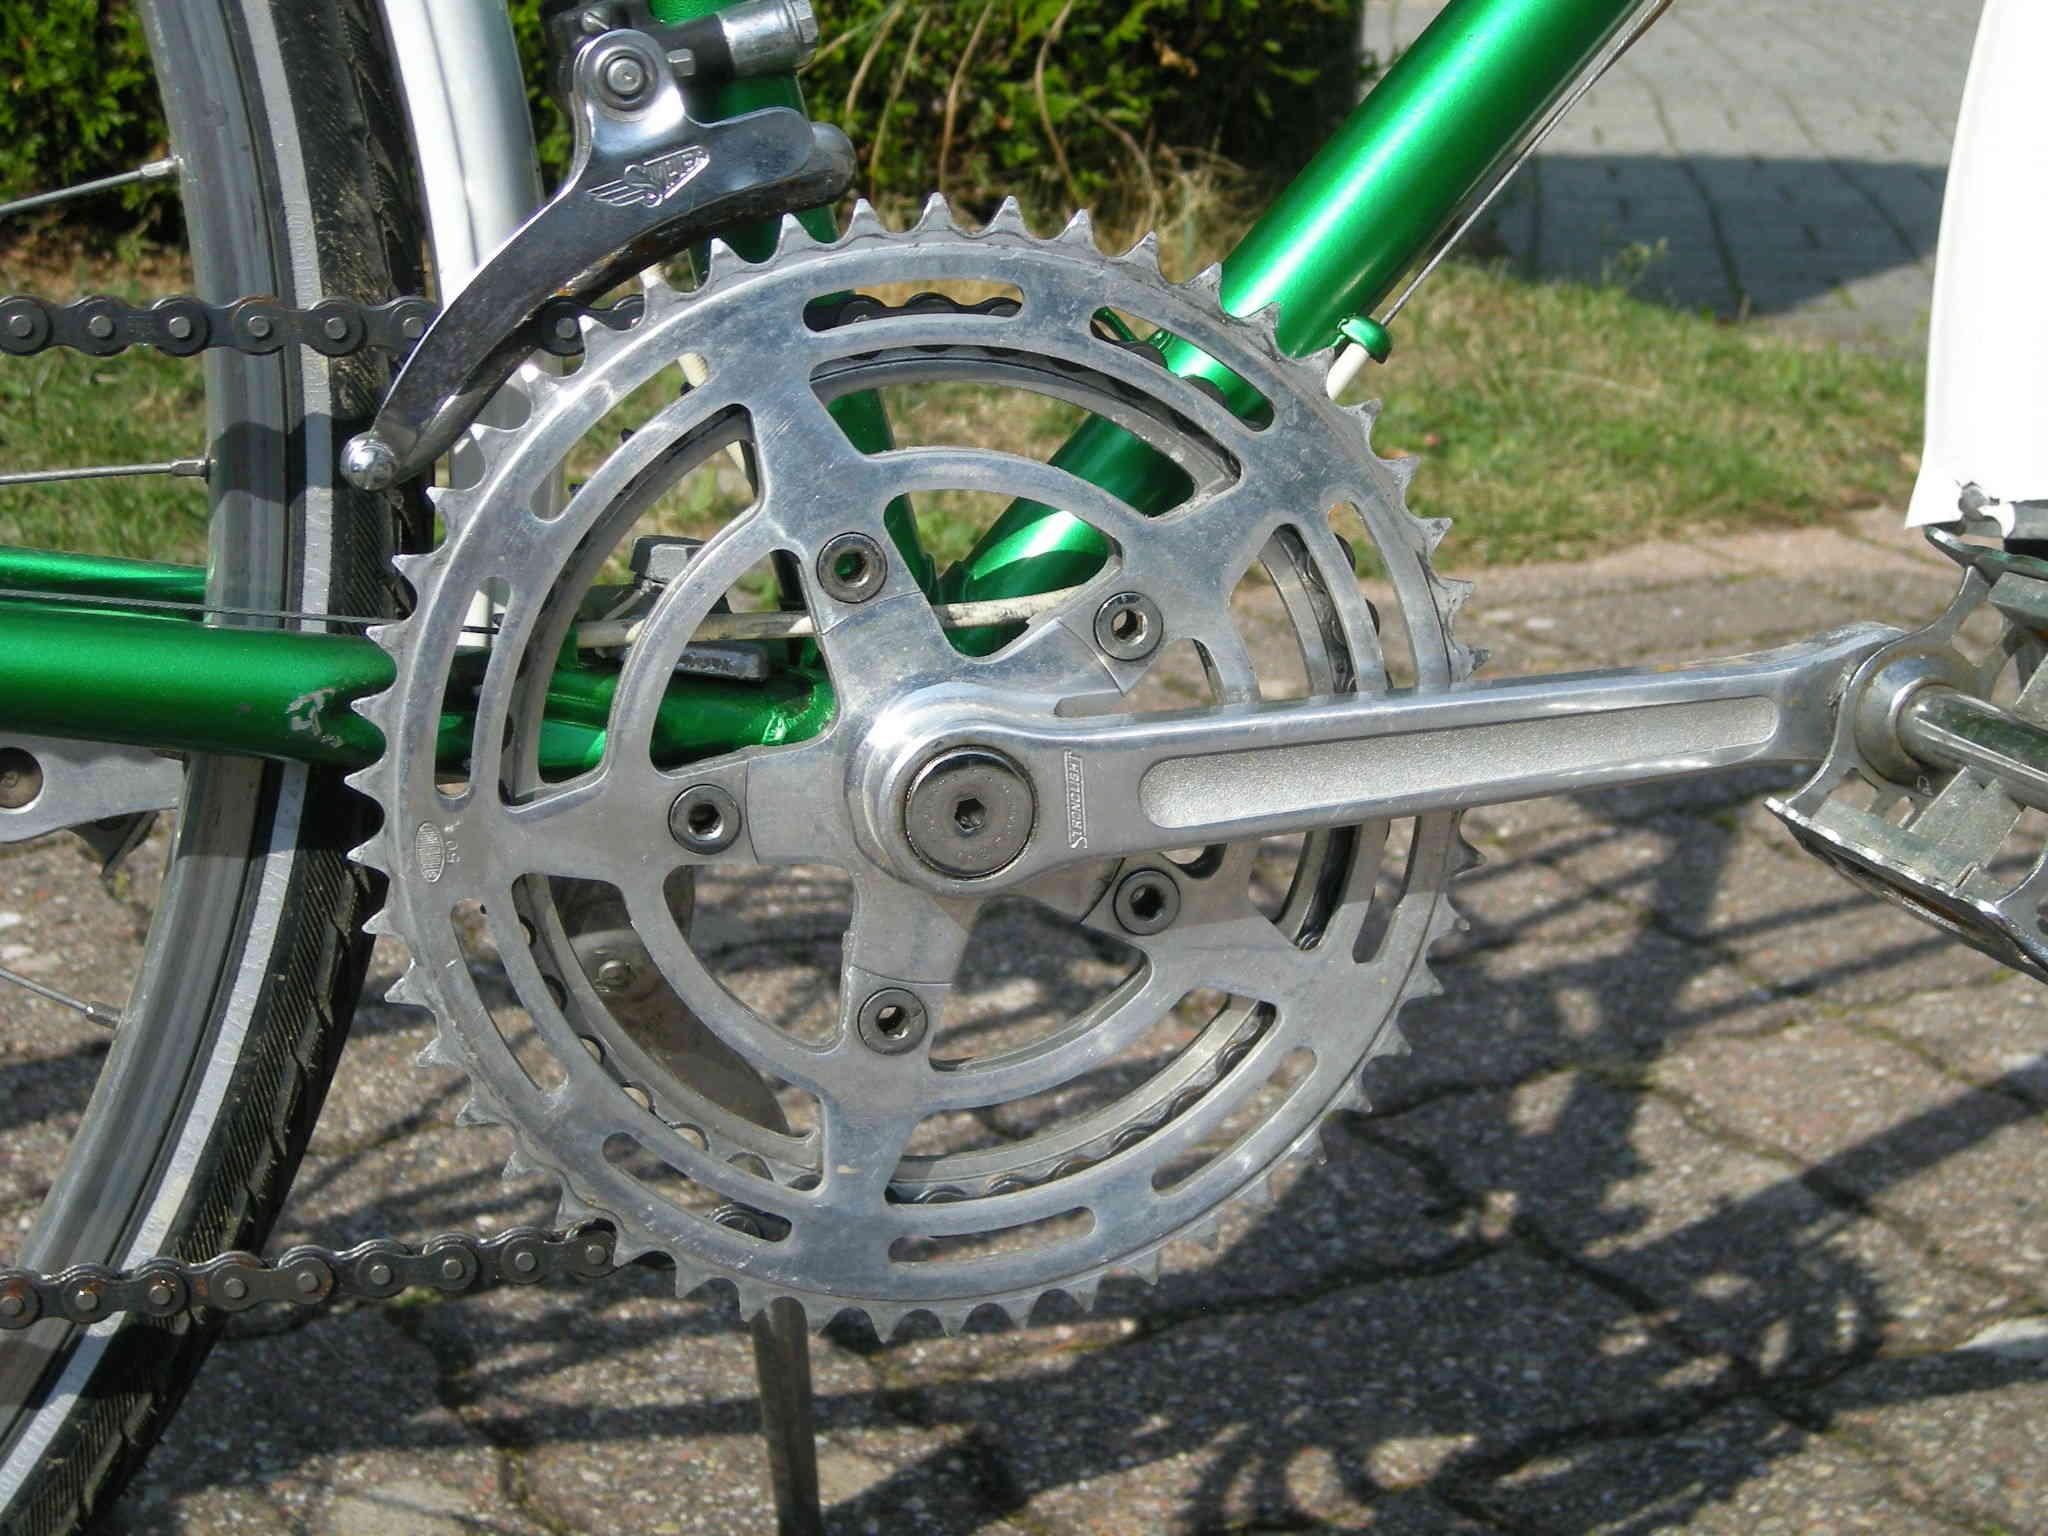 Mixte Cyclo Porrentruy Dscn6237